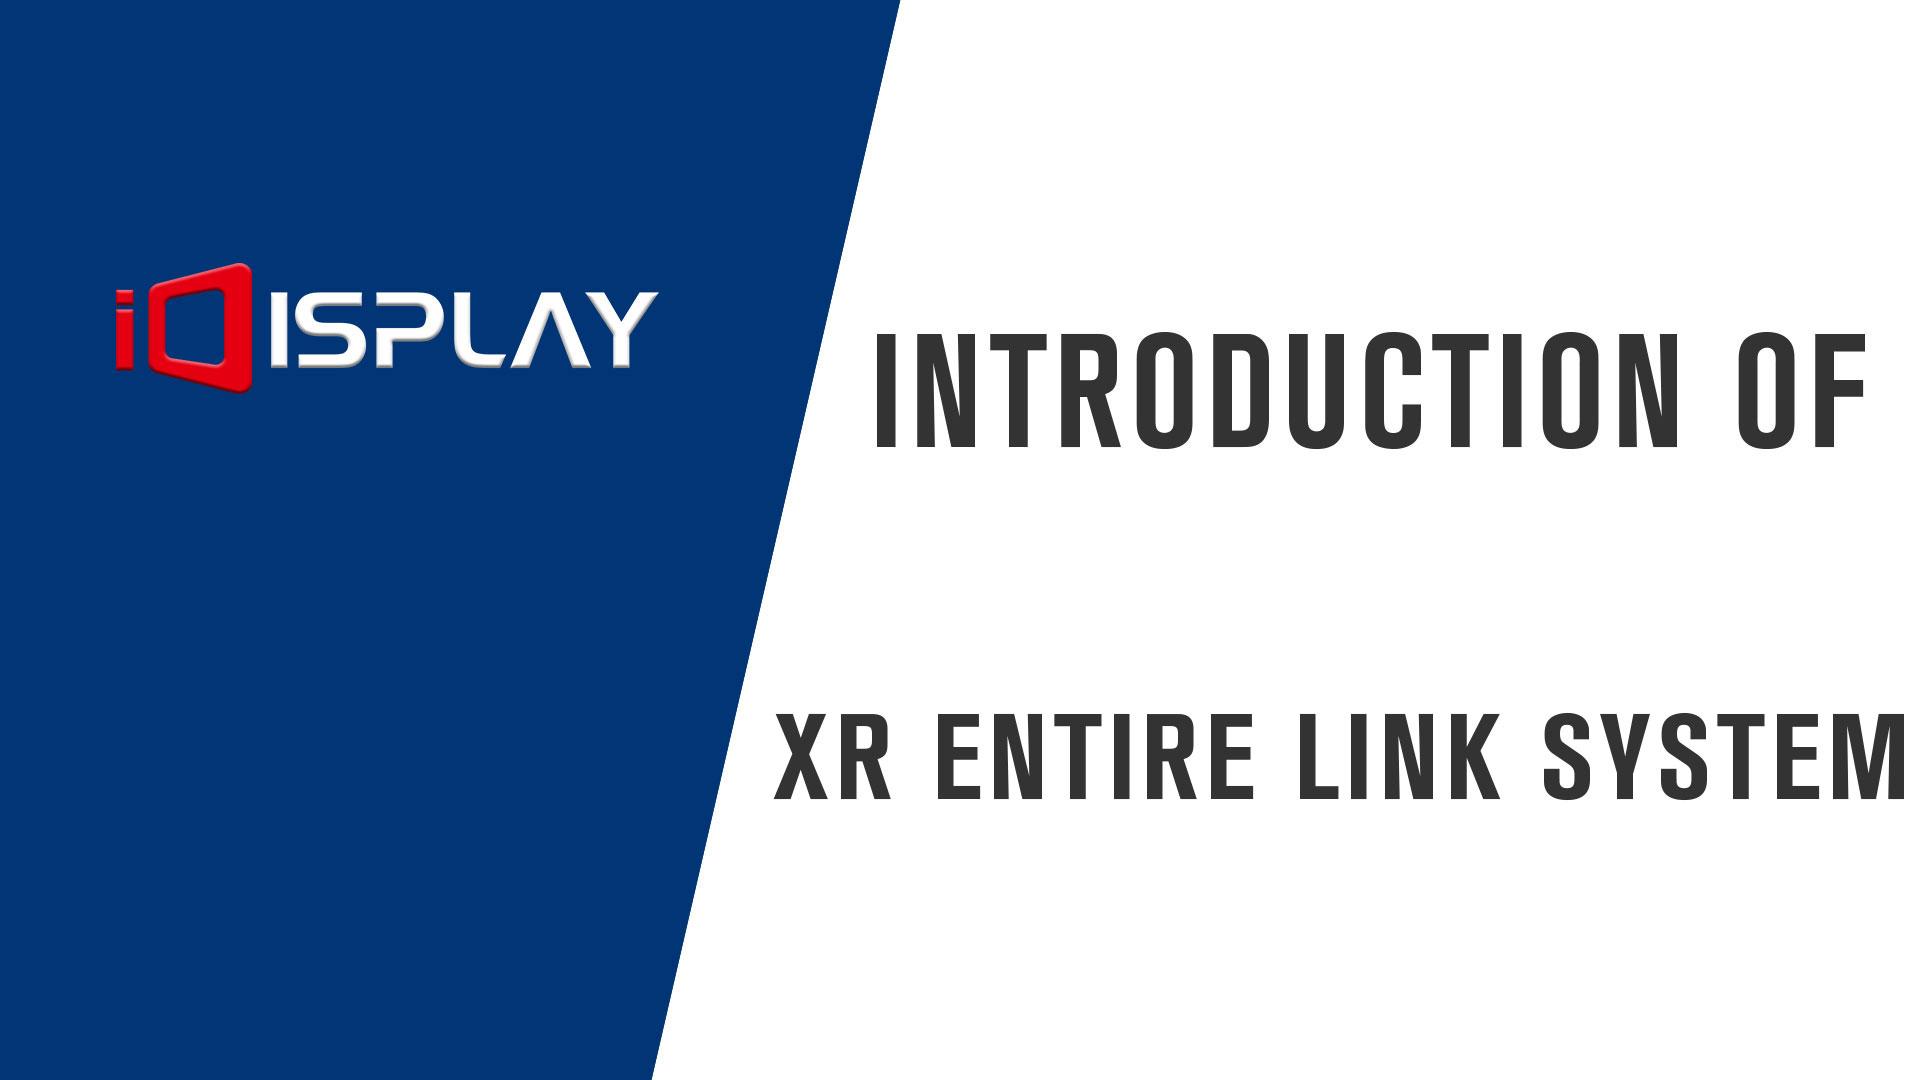 Introducción del sistema de enlace completo XR.